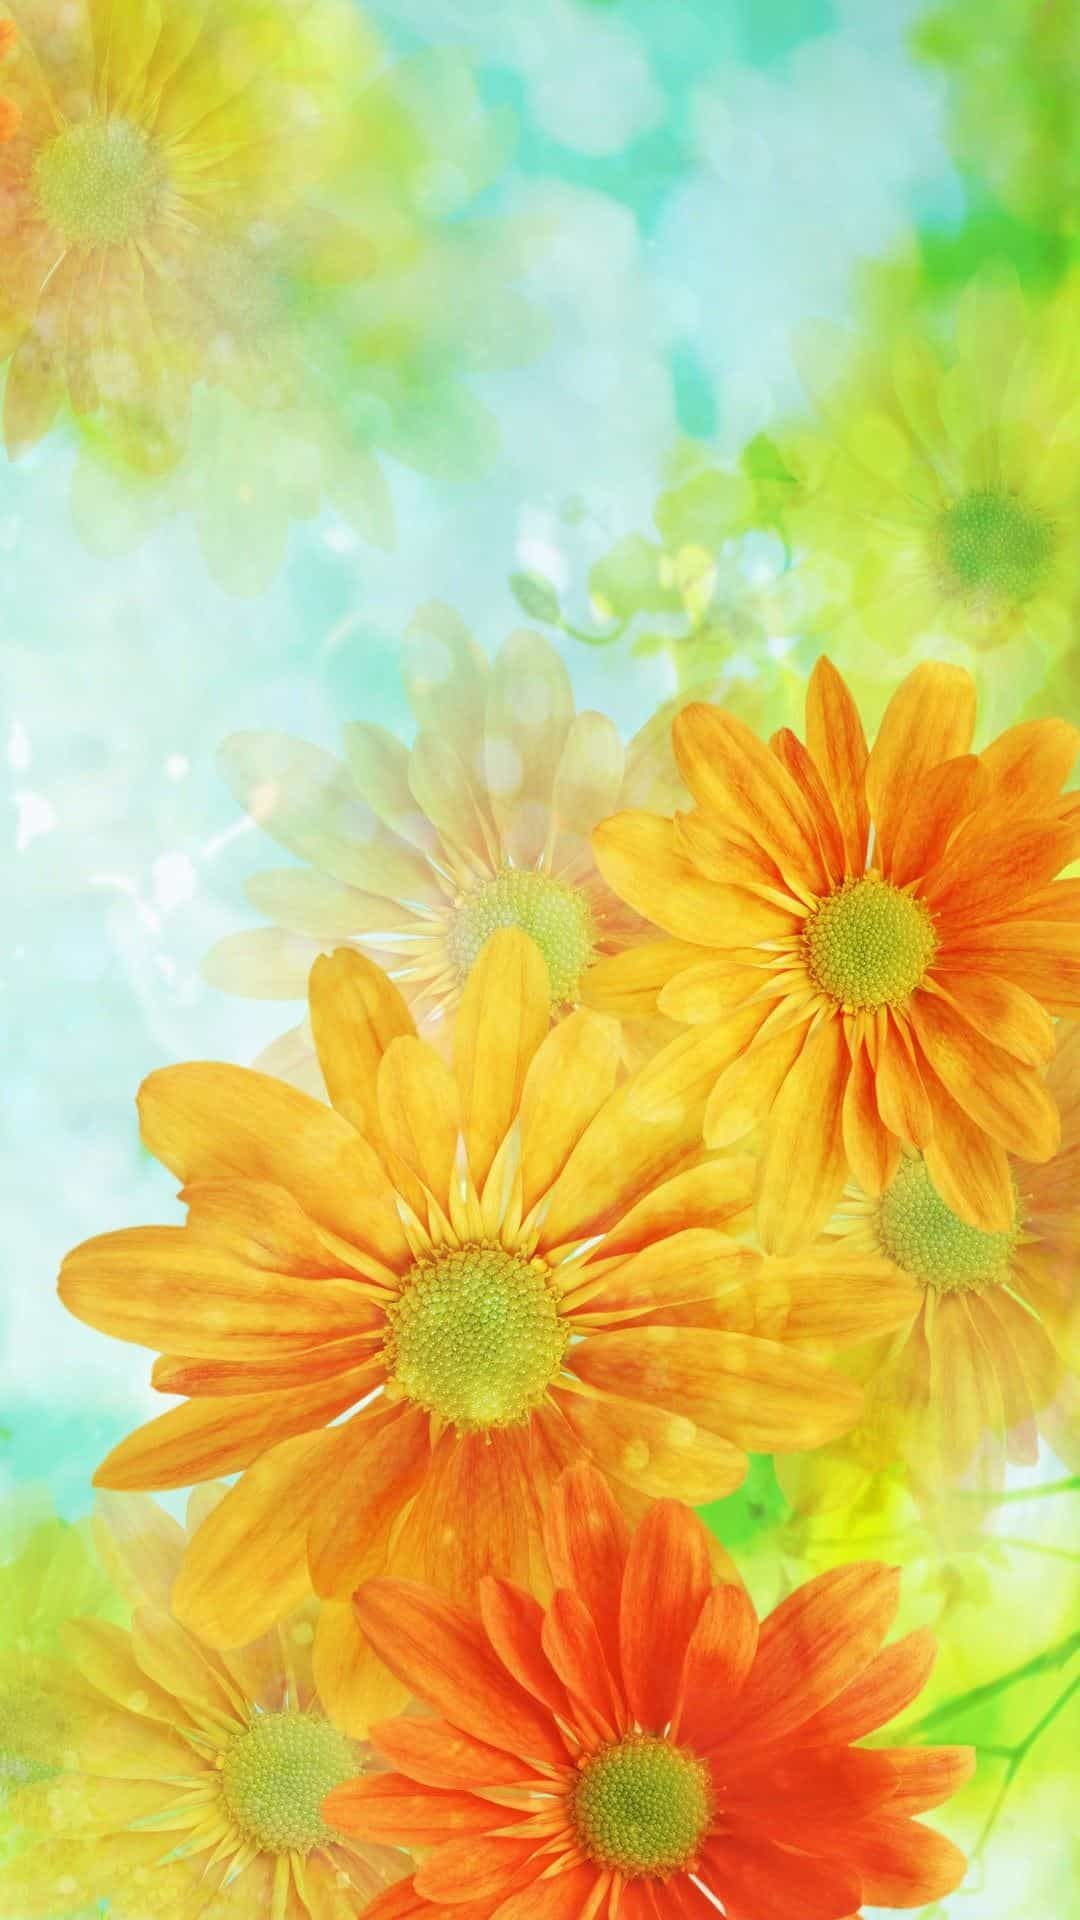 خلفيات ايفون Flower Iphone Wallpaper Vintage Flowers Wallpaper Background Hd Wallpaper